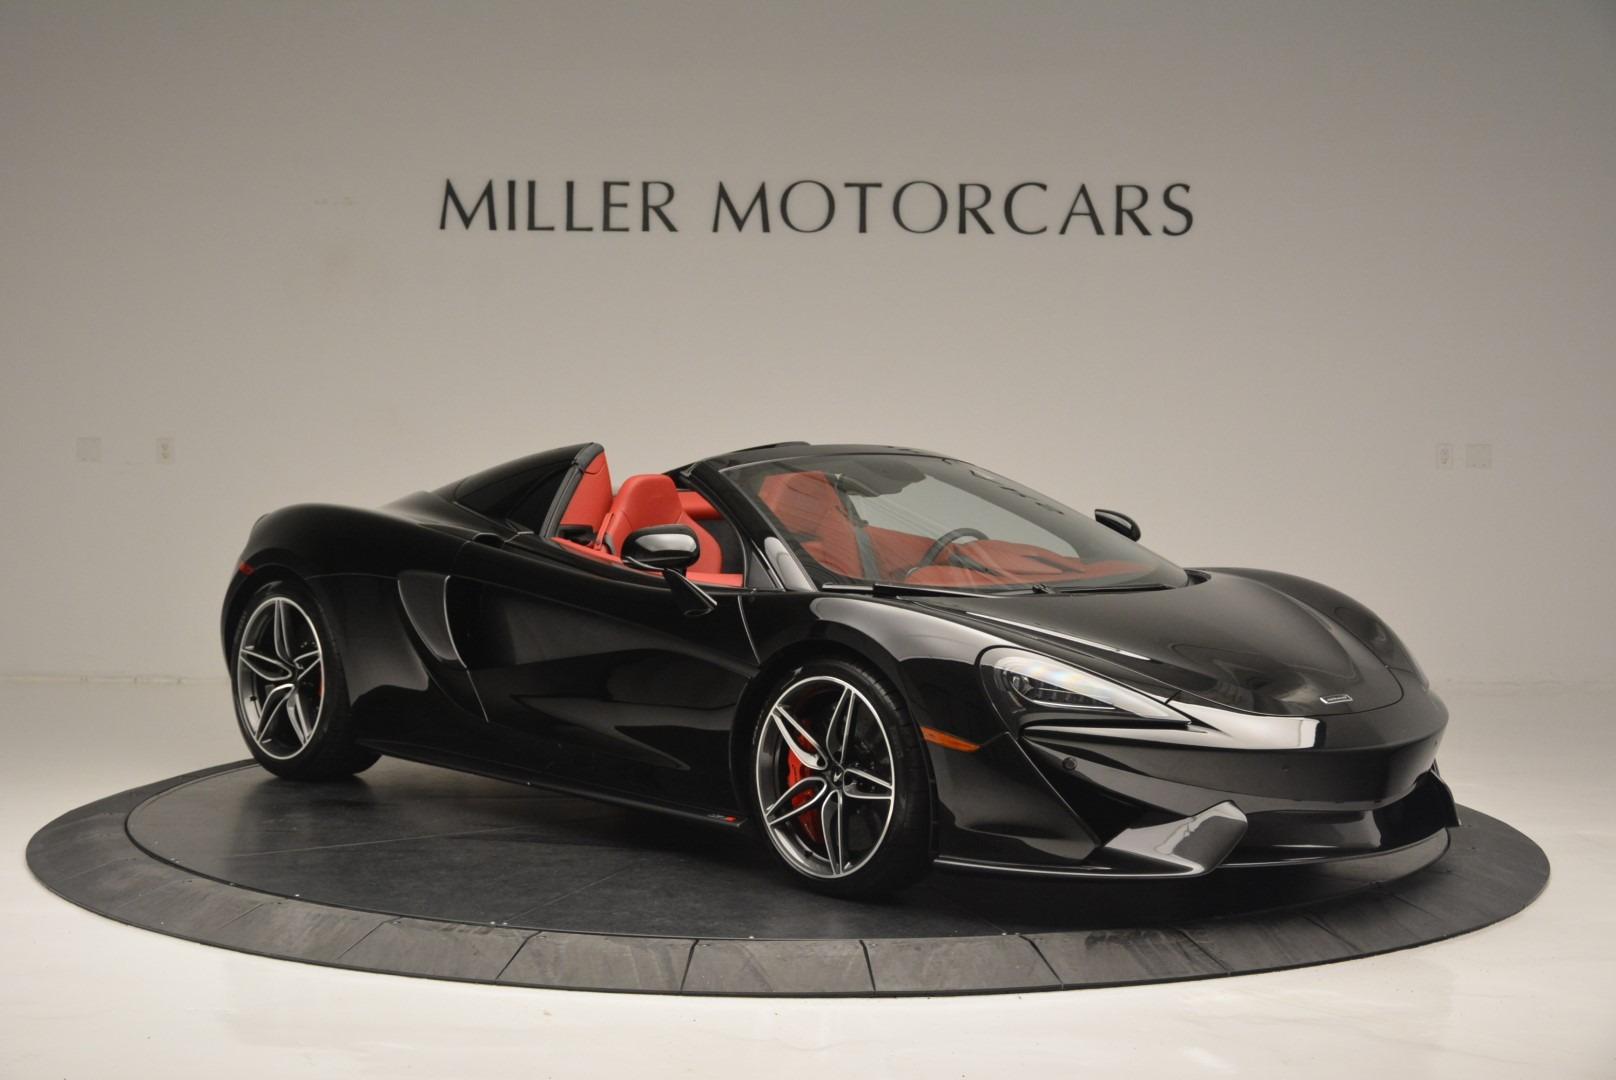 New 2019 McLaren 570S Spider Convertible For Sale In Westport, CT 2522_p10